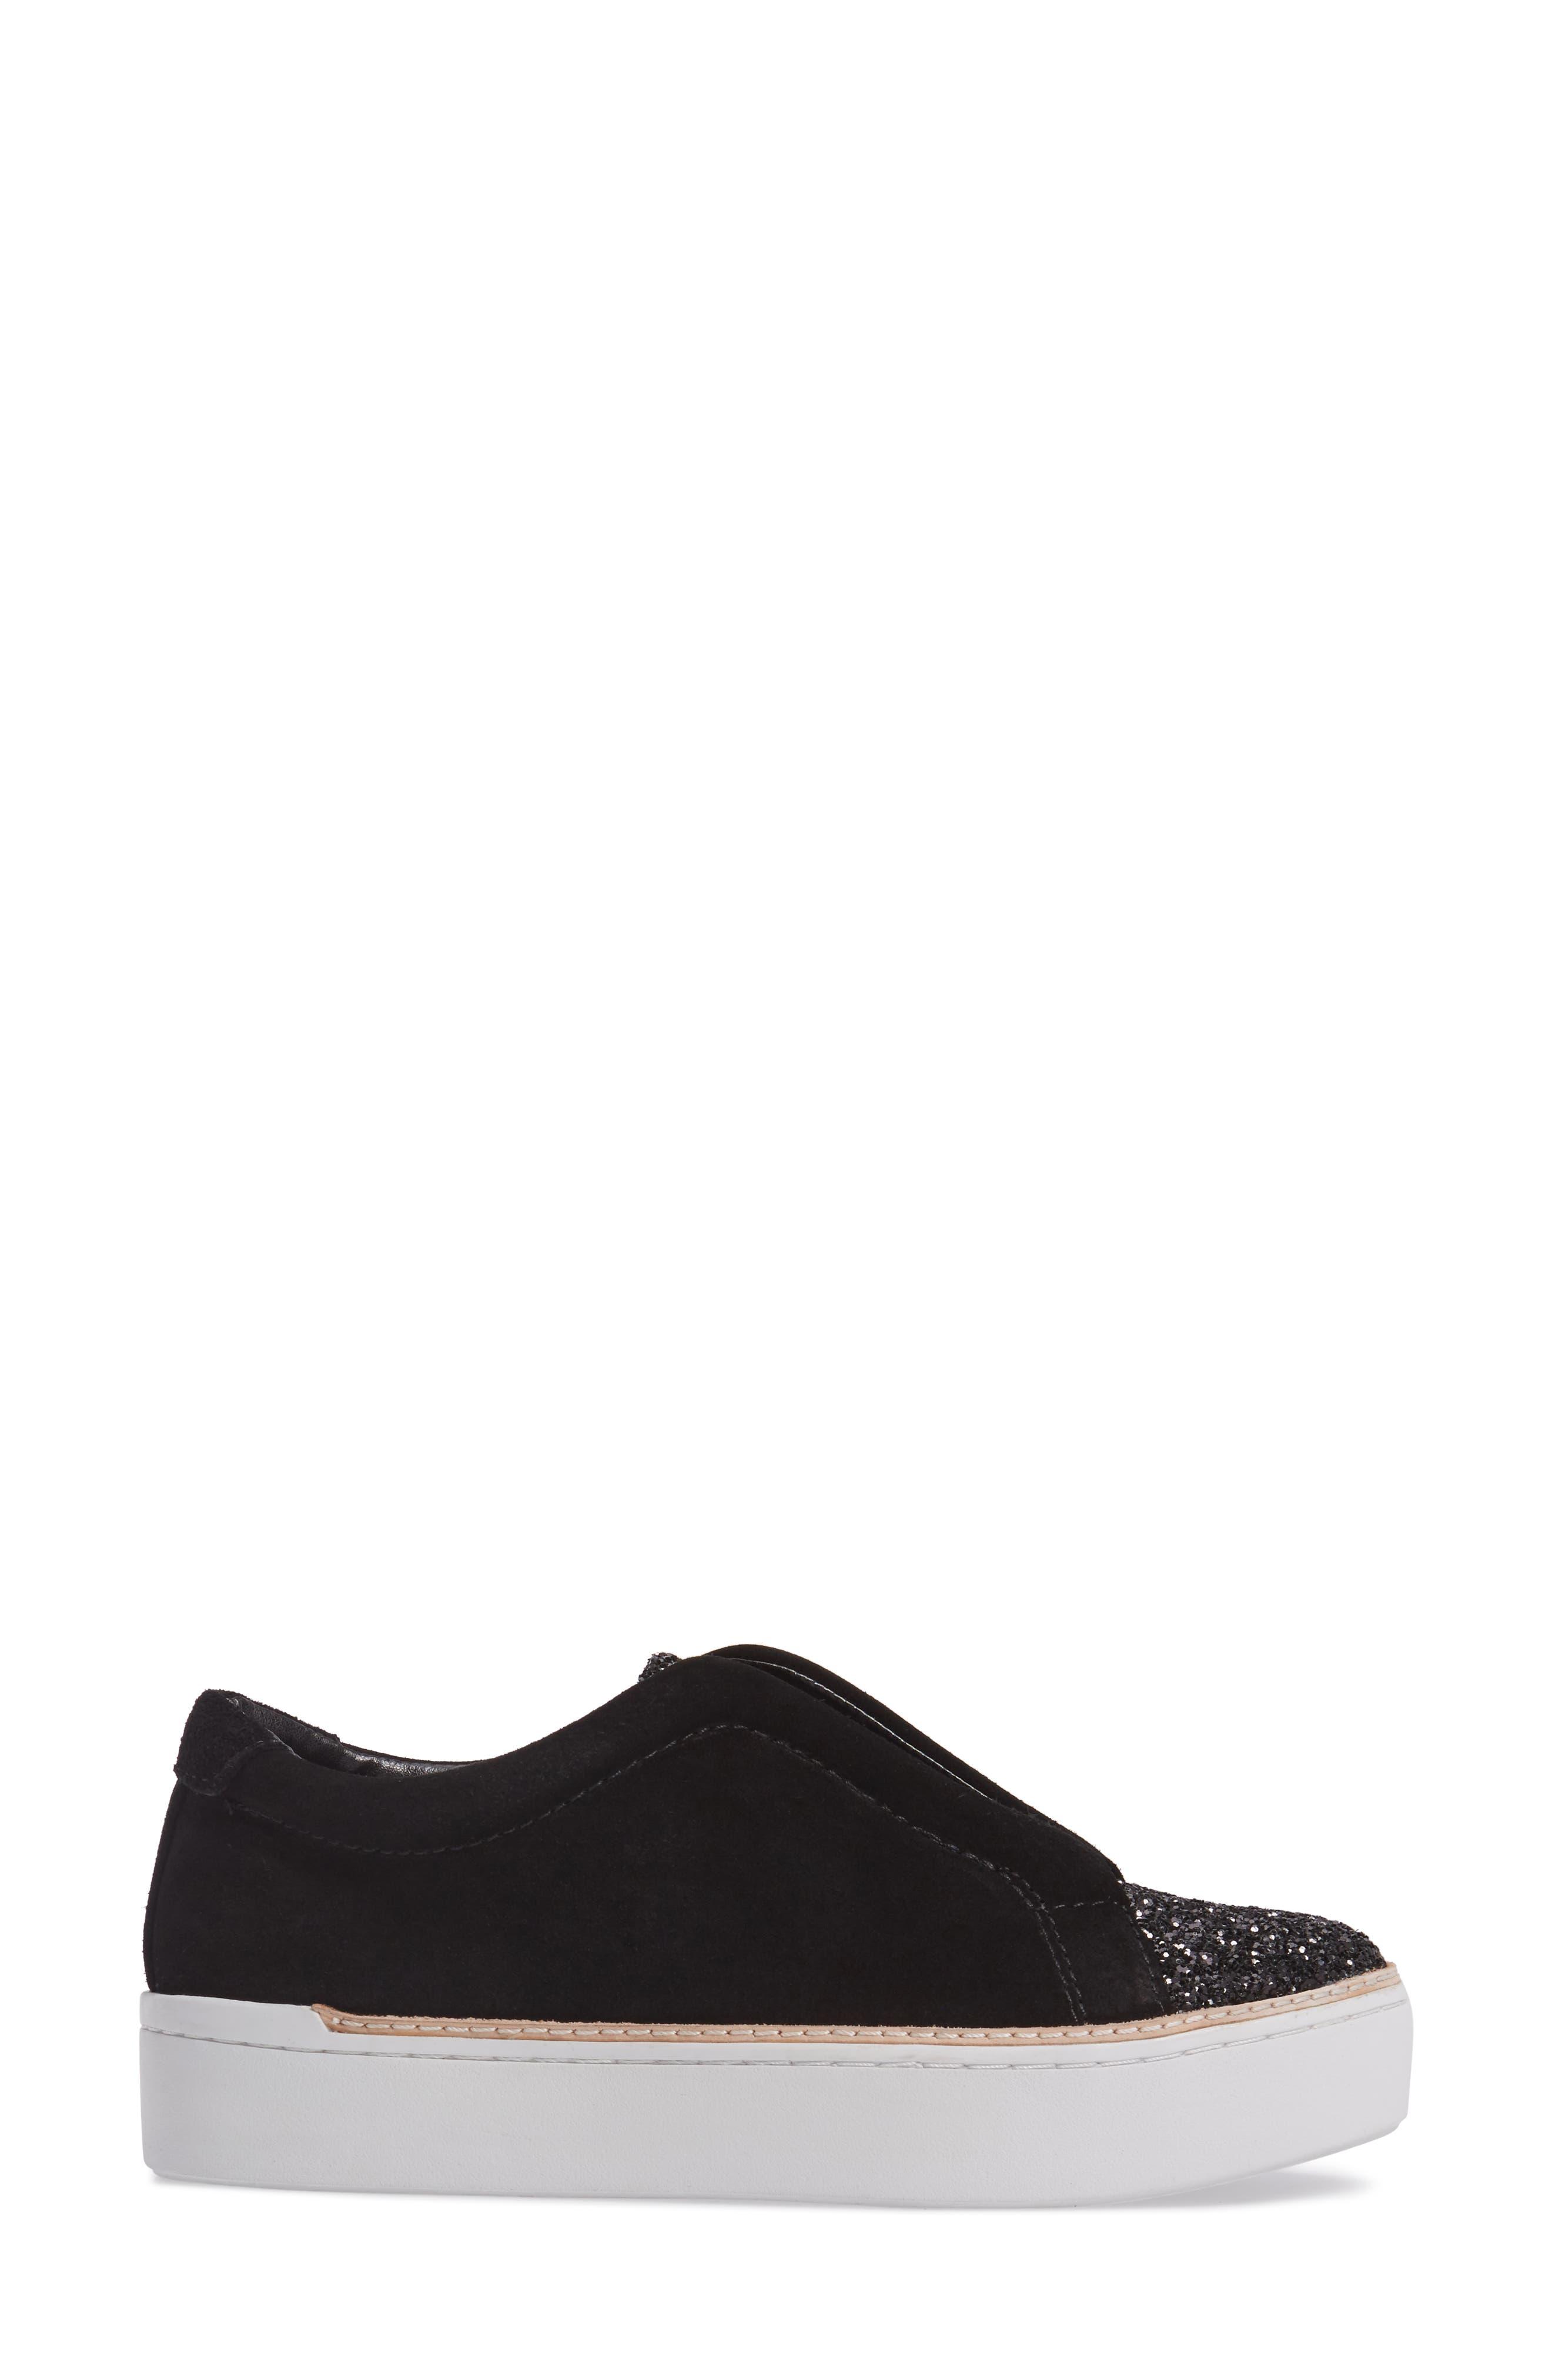 M4D3 Super Slip-On Sneaker,                             Alternate thumbnail 3, color,                             BLACK GLITTER LEATHER